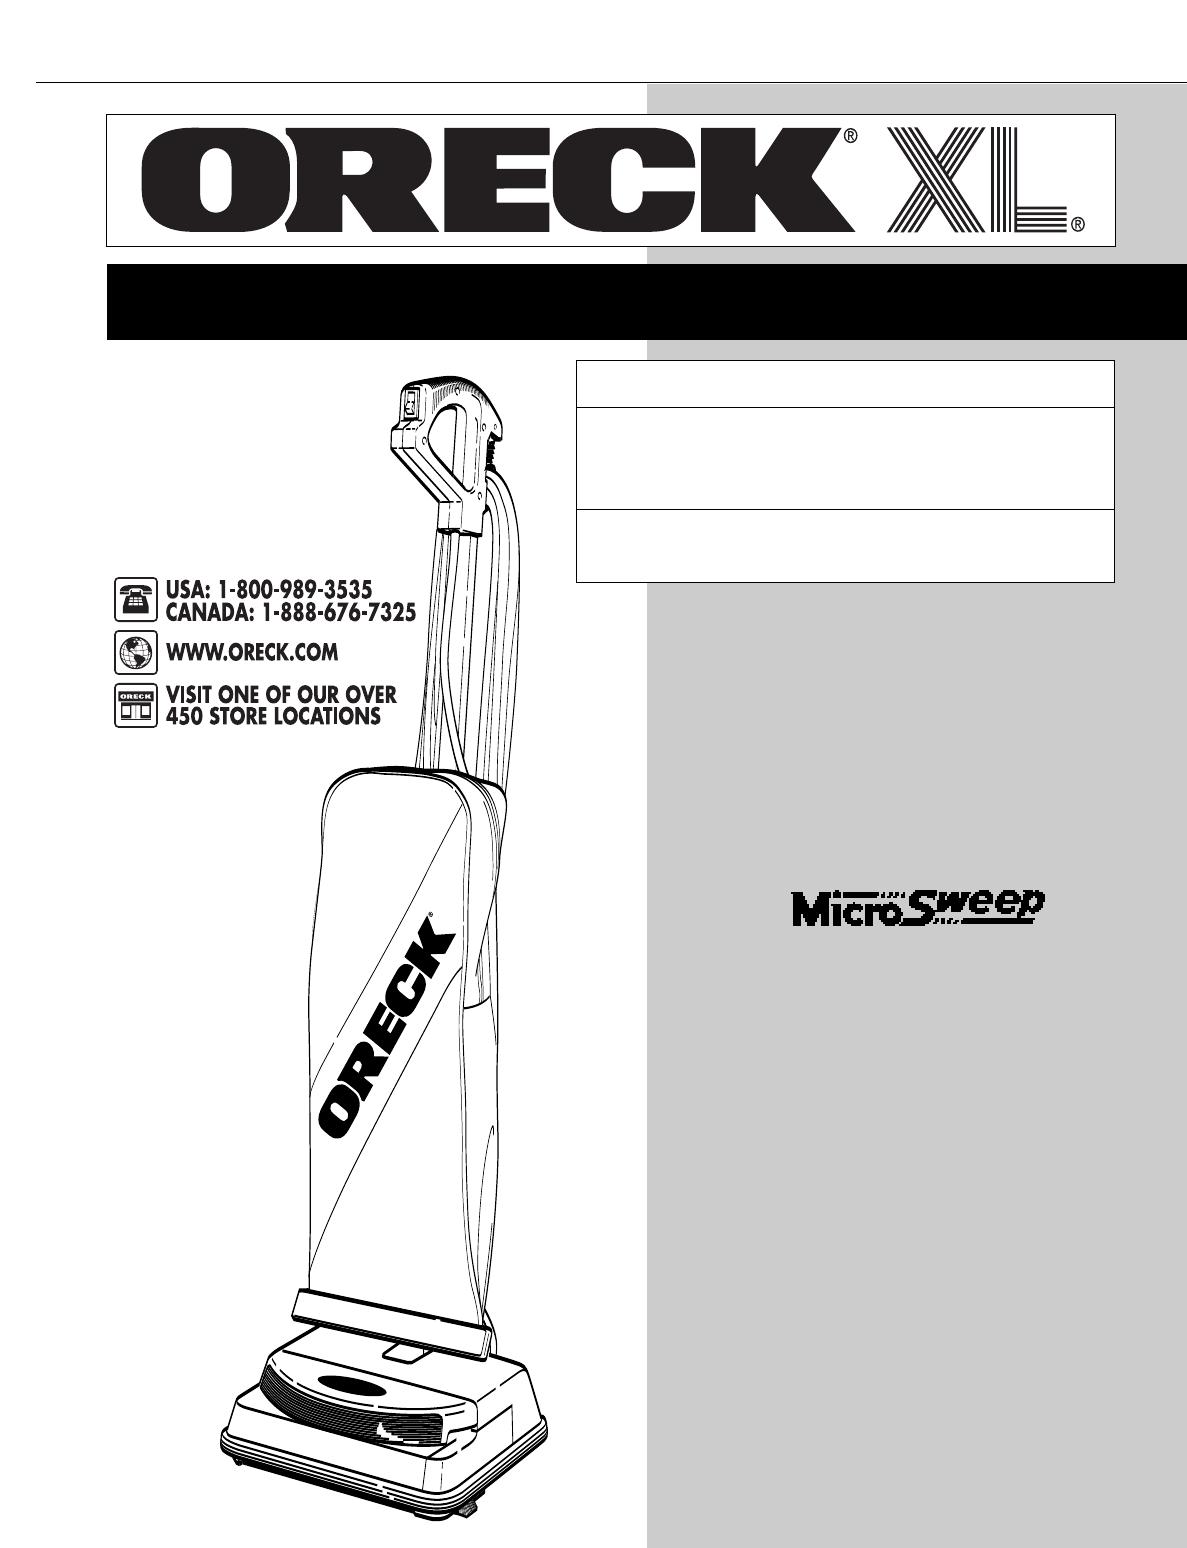 oreck vacuum cleaner u3700hh user guide manualsonline com rh homeappliance manualsonline com oreck xl repair manual oreck xl manual air purifier